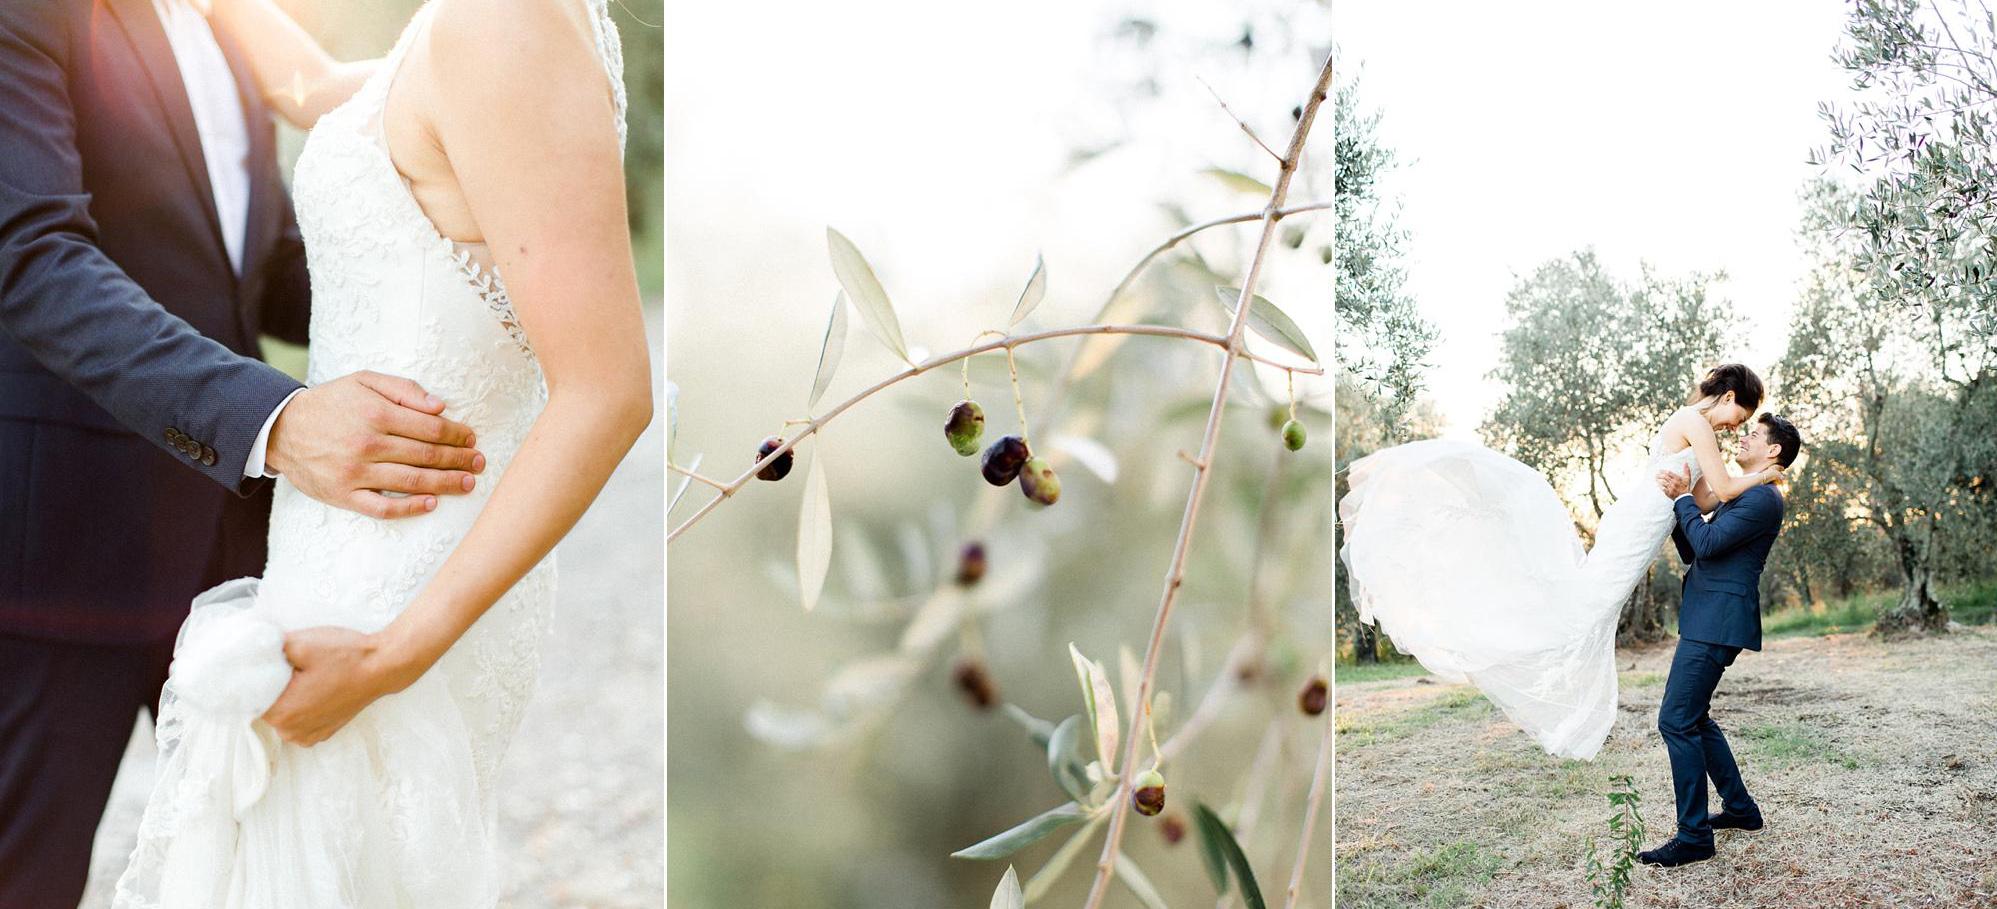 Amanda-Drost-fotografie-fine-art